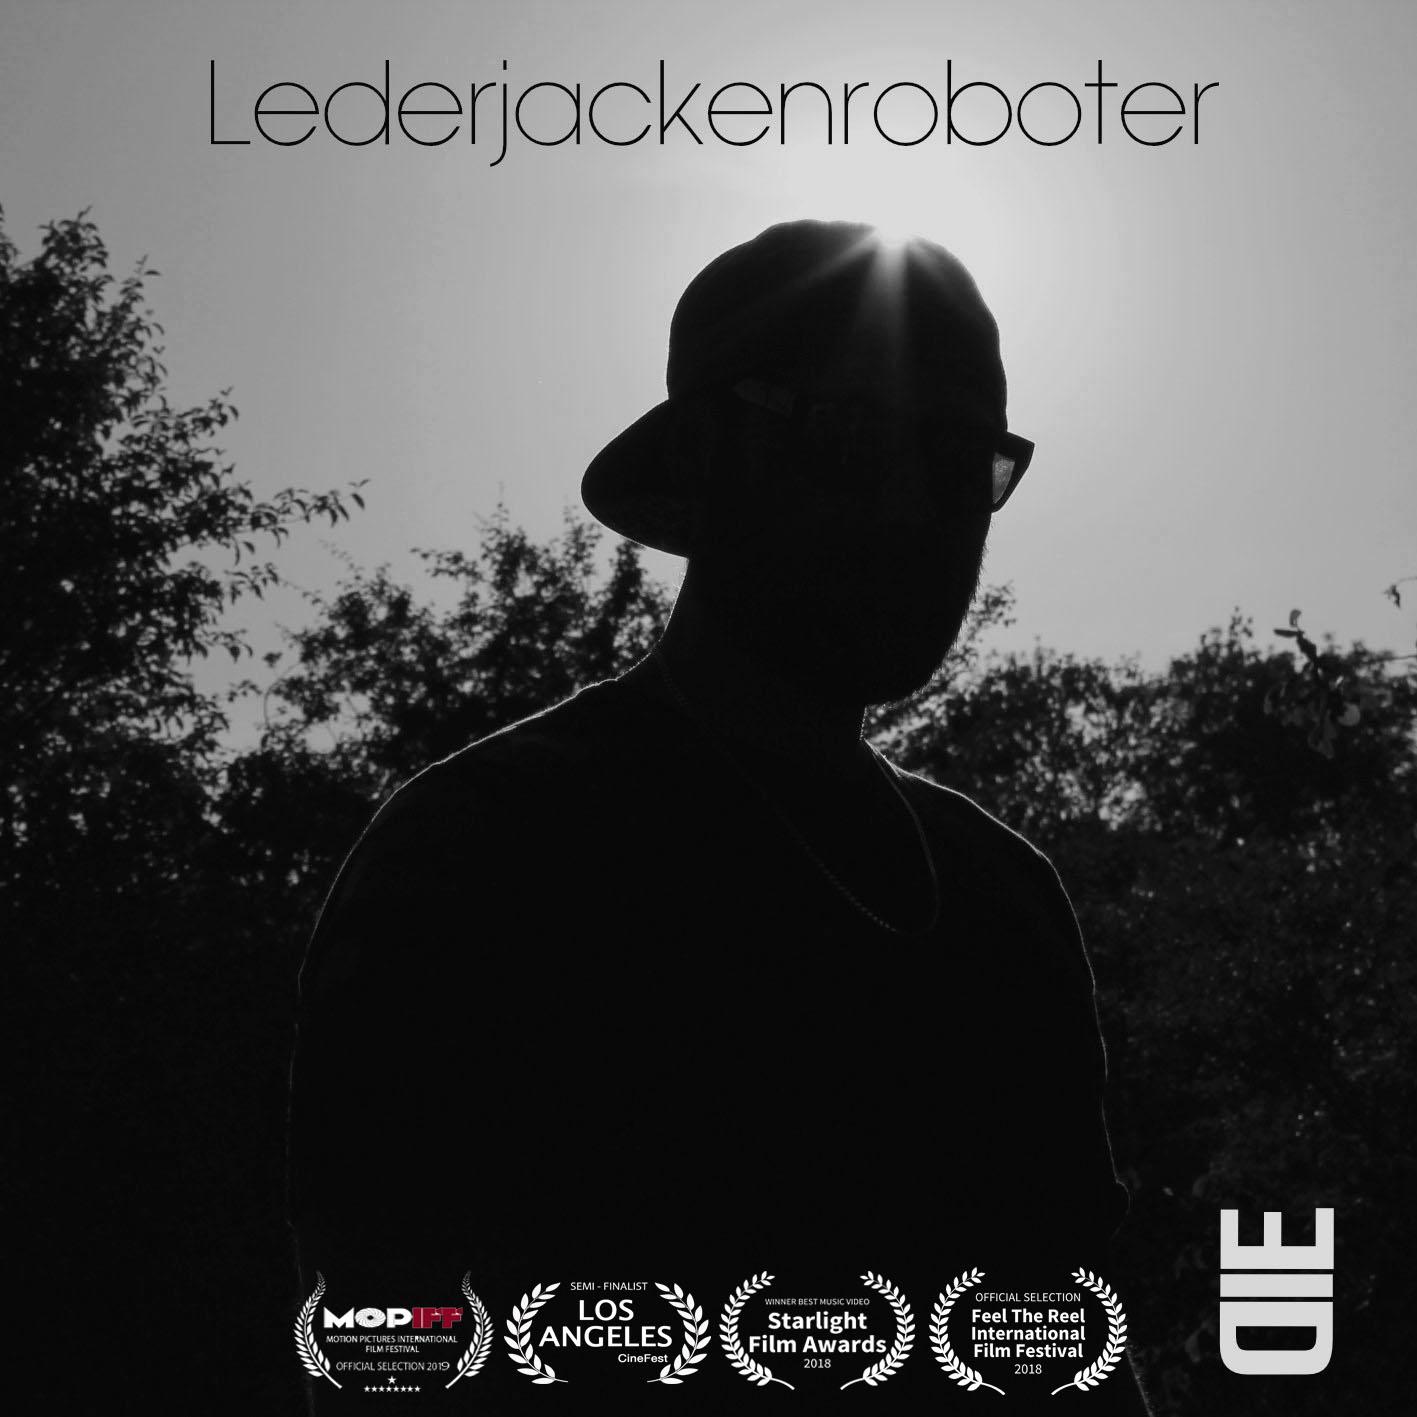 die_lederjackenroboter_cover_7_2019